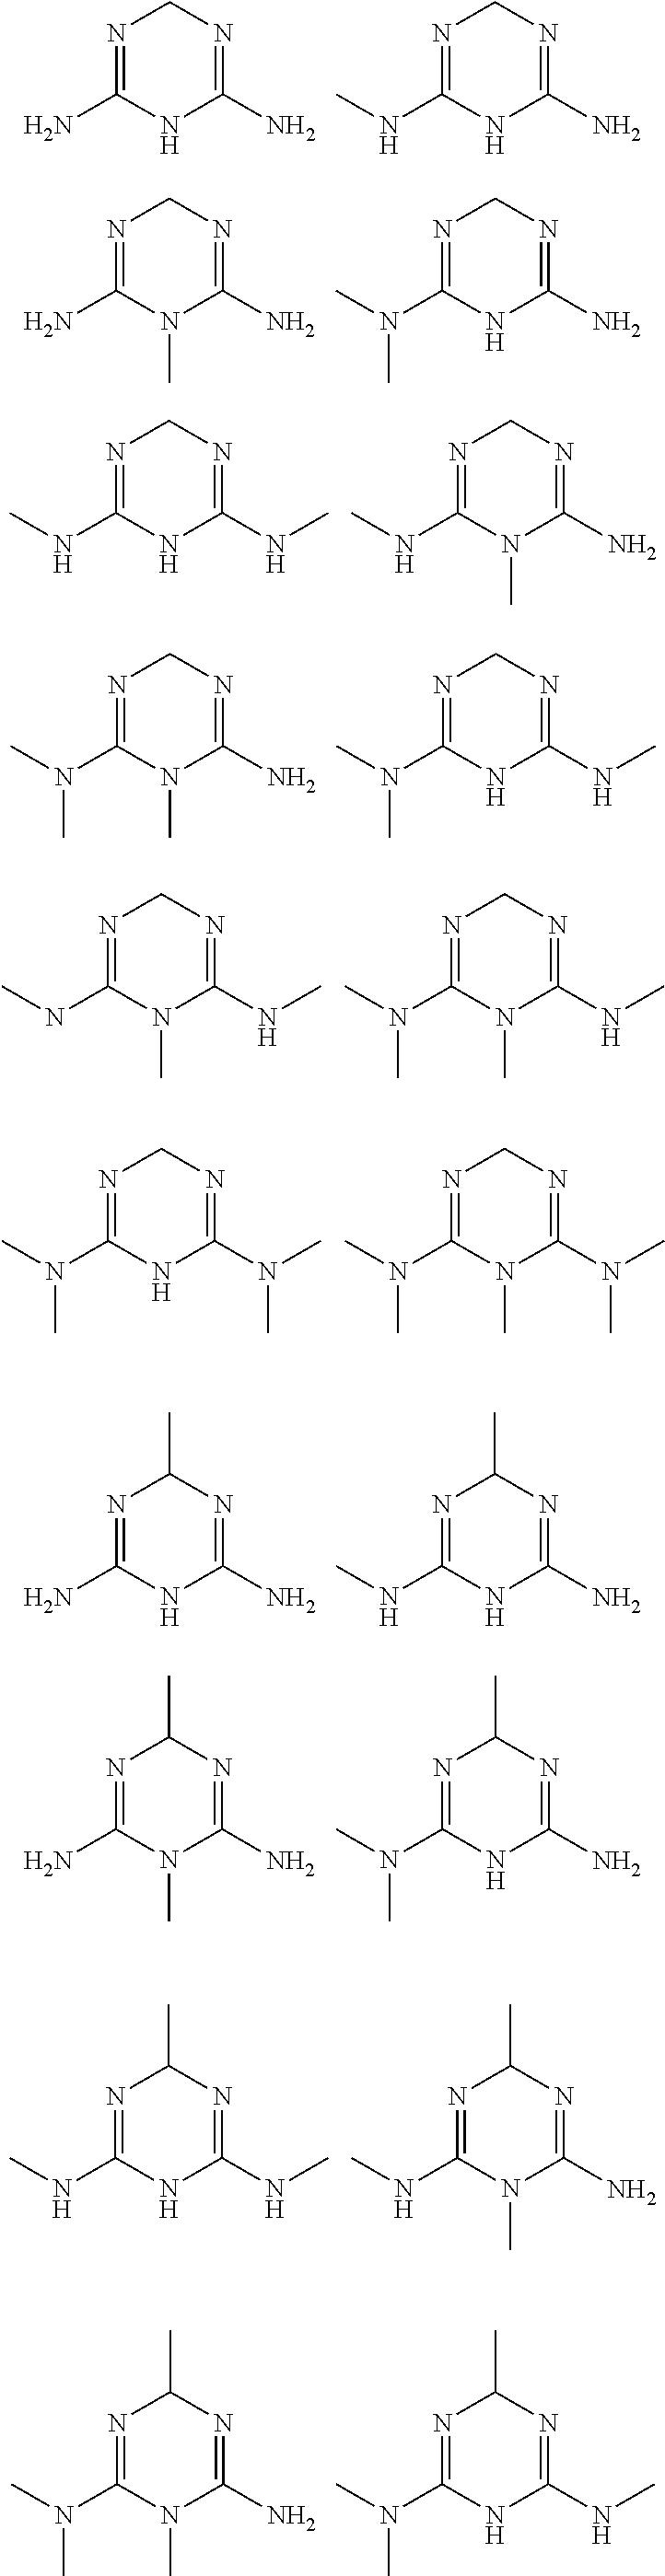 Figure US09480663-20161101-C00161